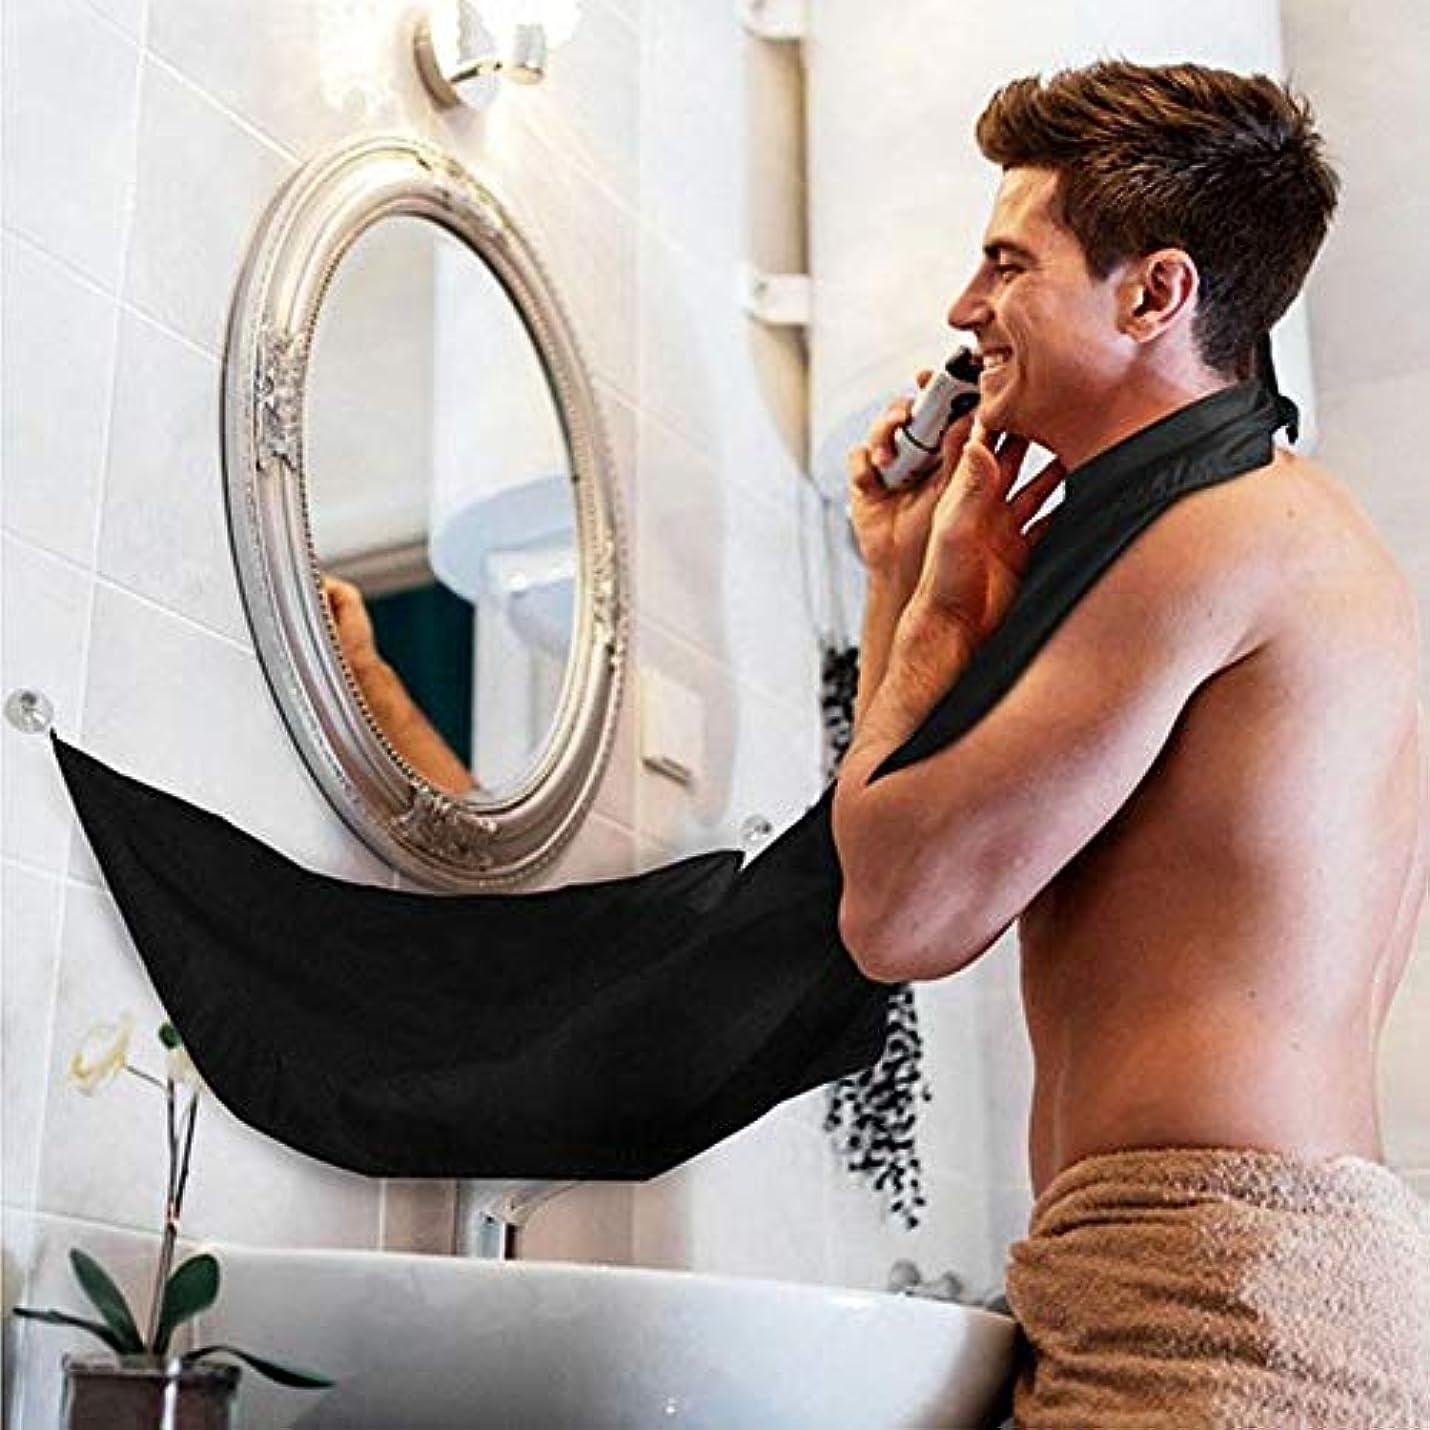 アジアスロット独占Klaxiaz - 高品質カミソリシェービング剃刀理容ツール髪のカミソリと刃アンティークブラック折りたたみシェービングナイフハンドル銅シングル